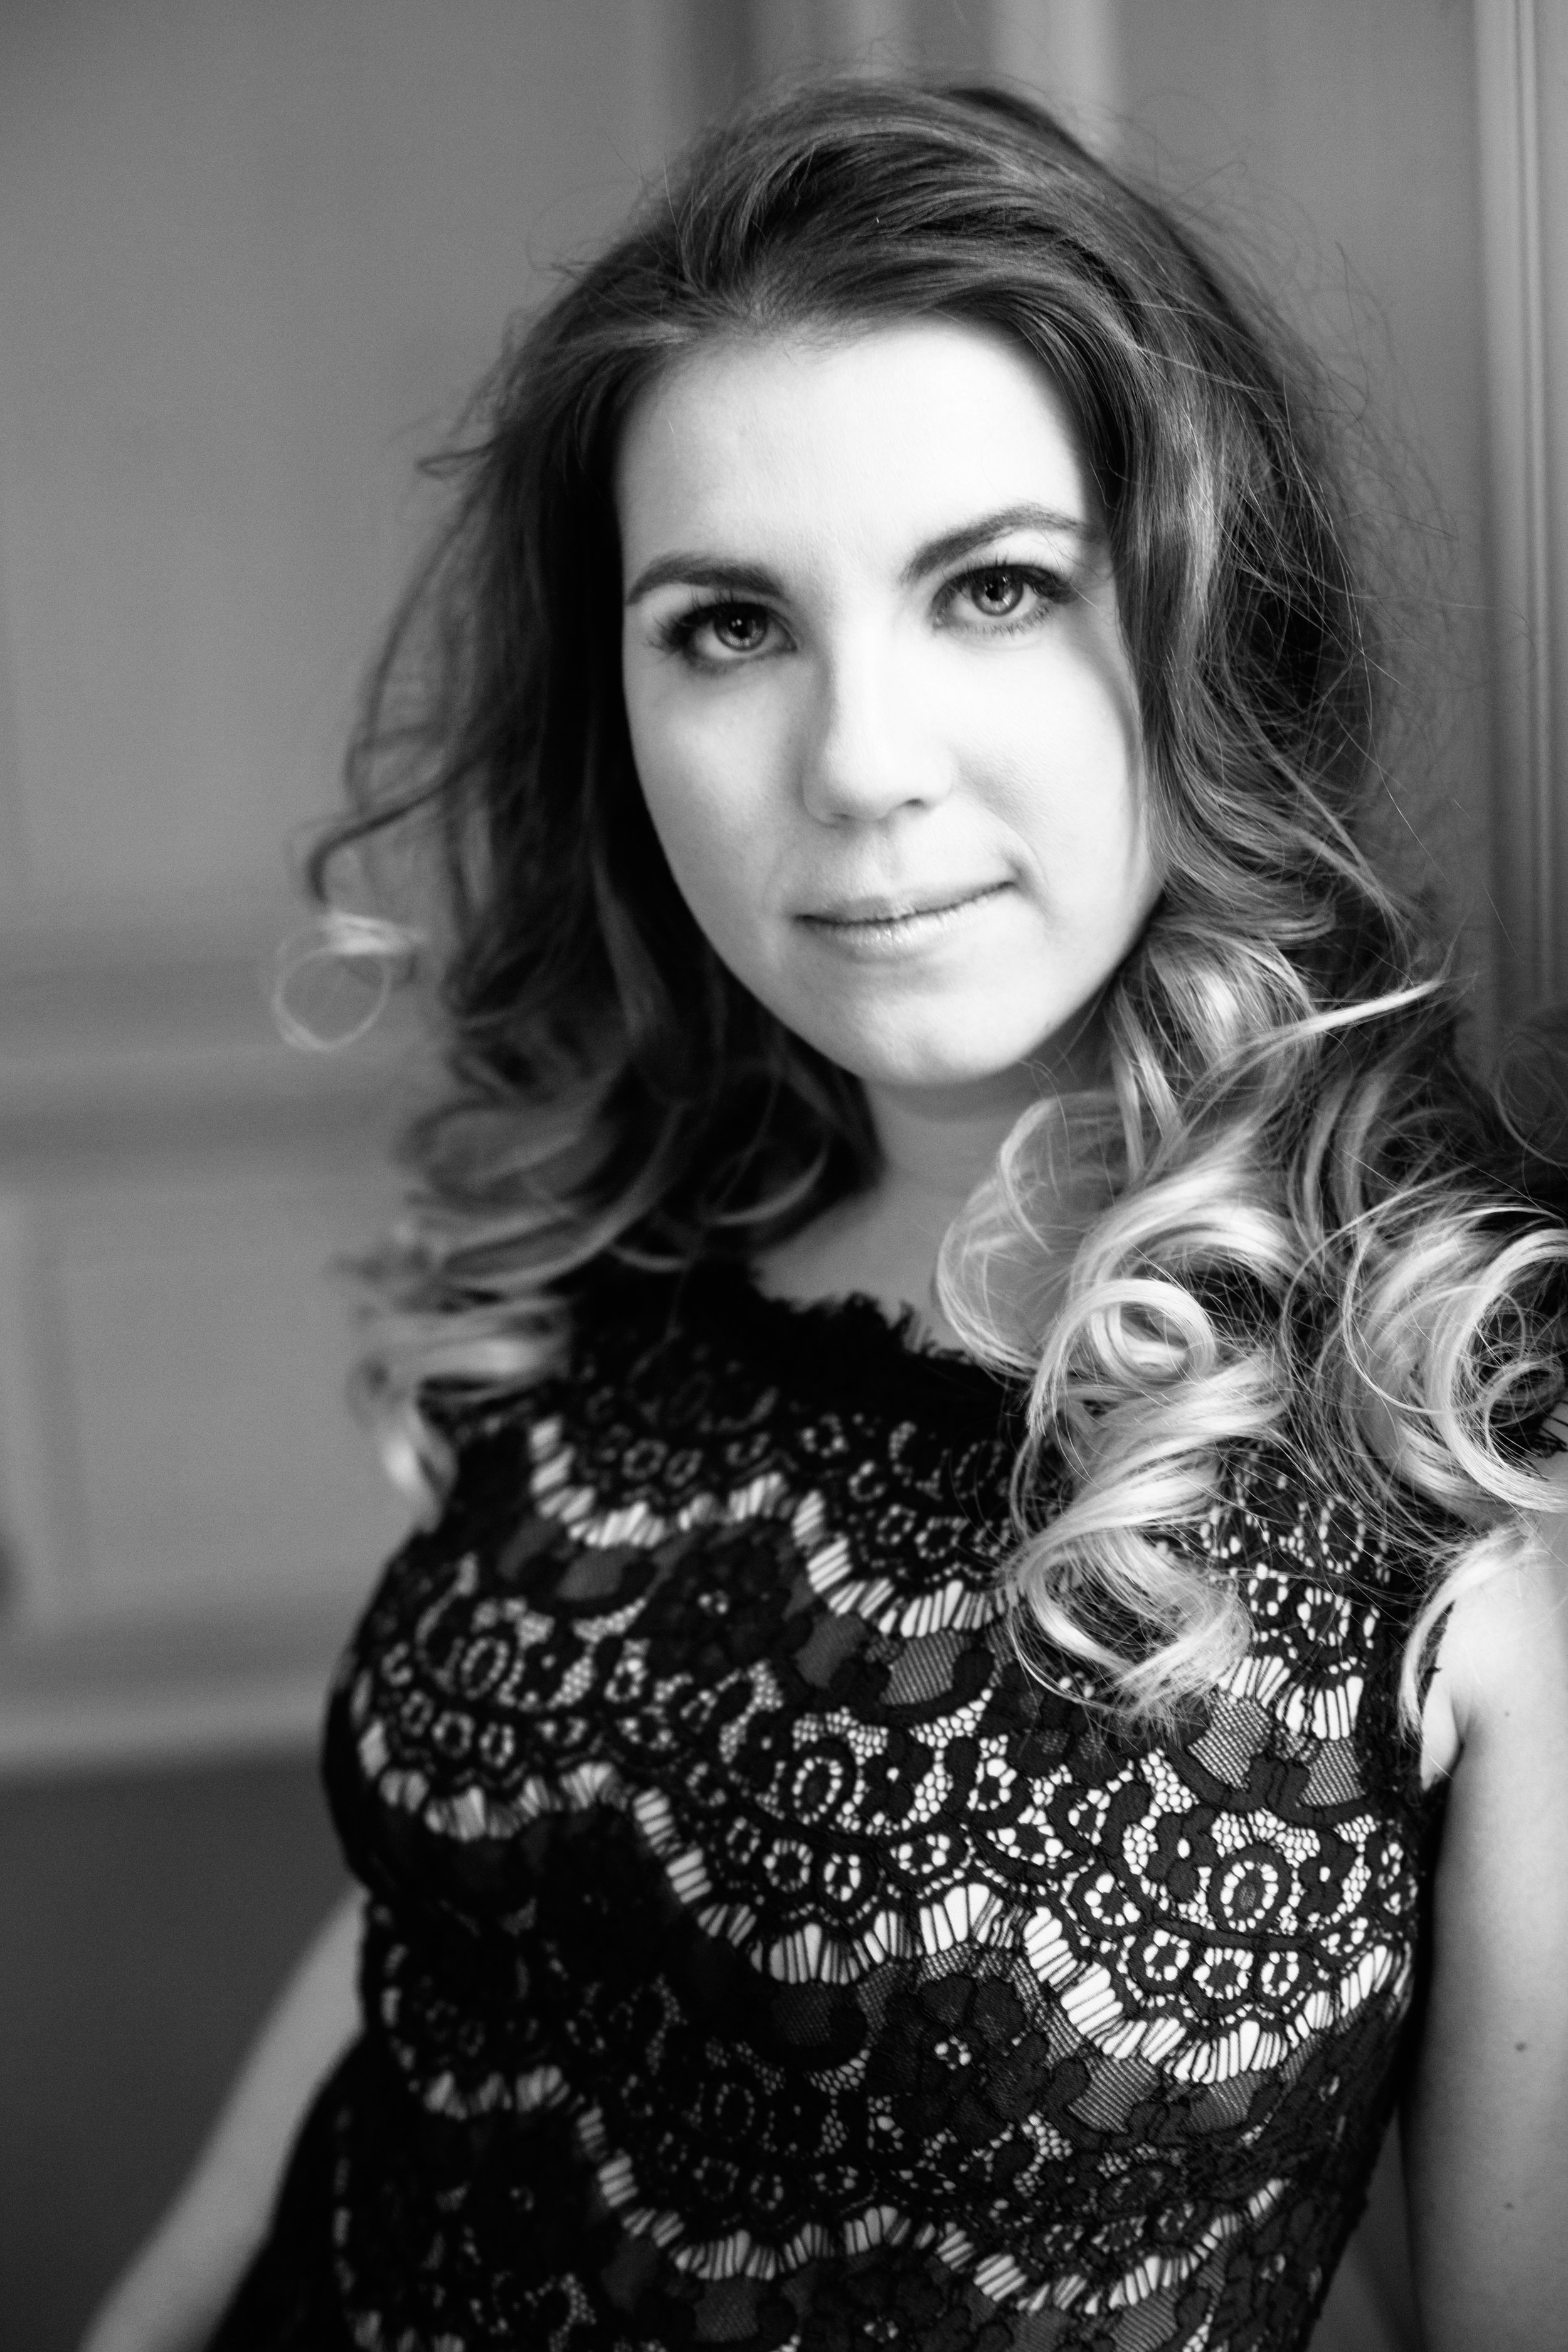 portrait - destination - queen branding - next level portraiture for business owners